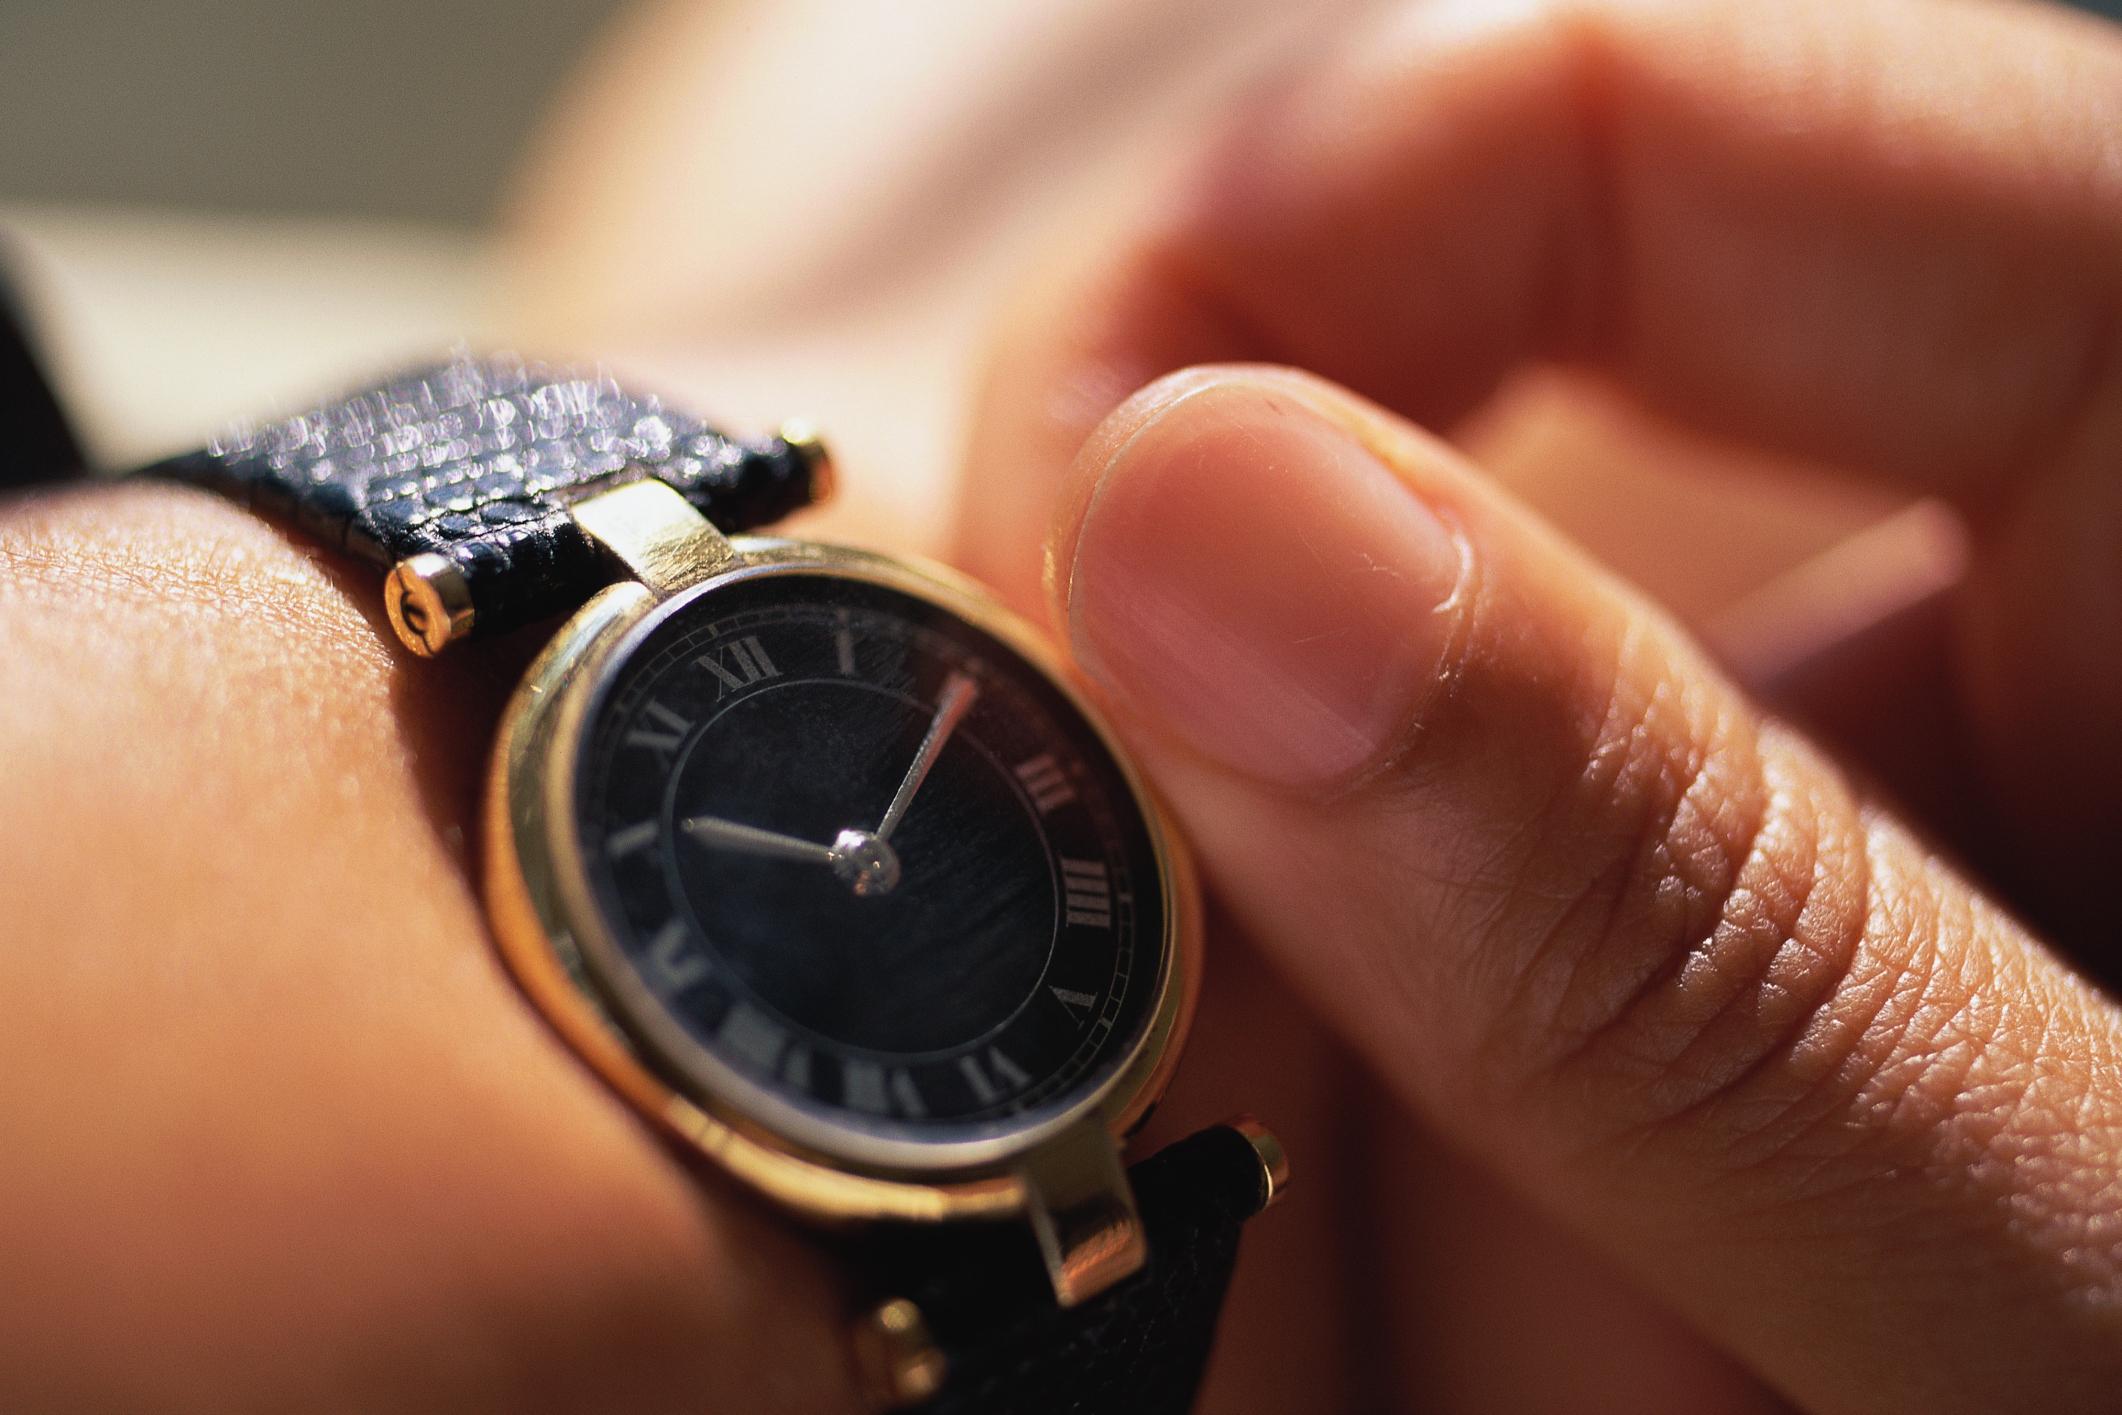 c2d88e0221ed ¿En qué mano llevan el reloj las mujeres